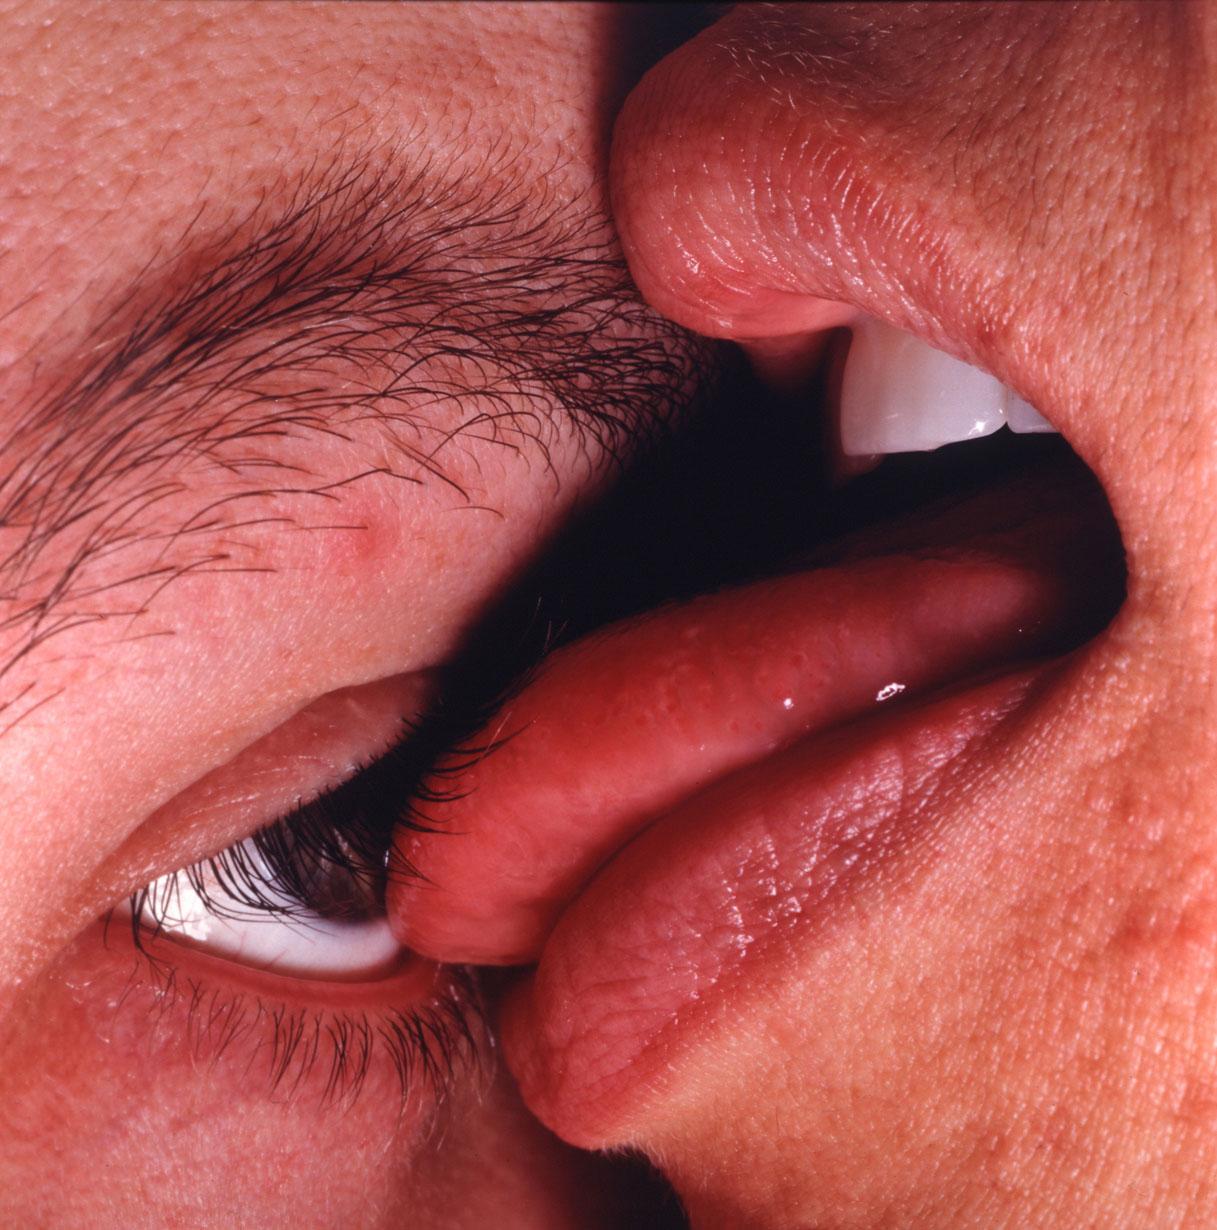 kiss my eye: